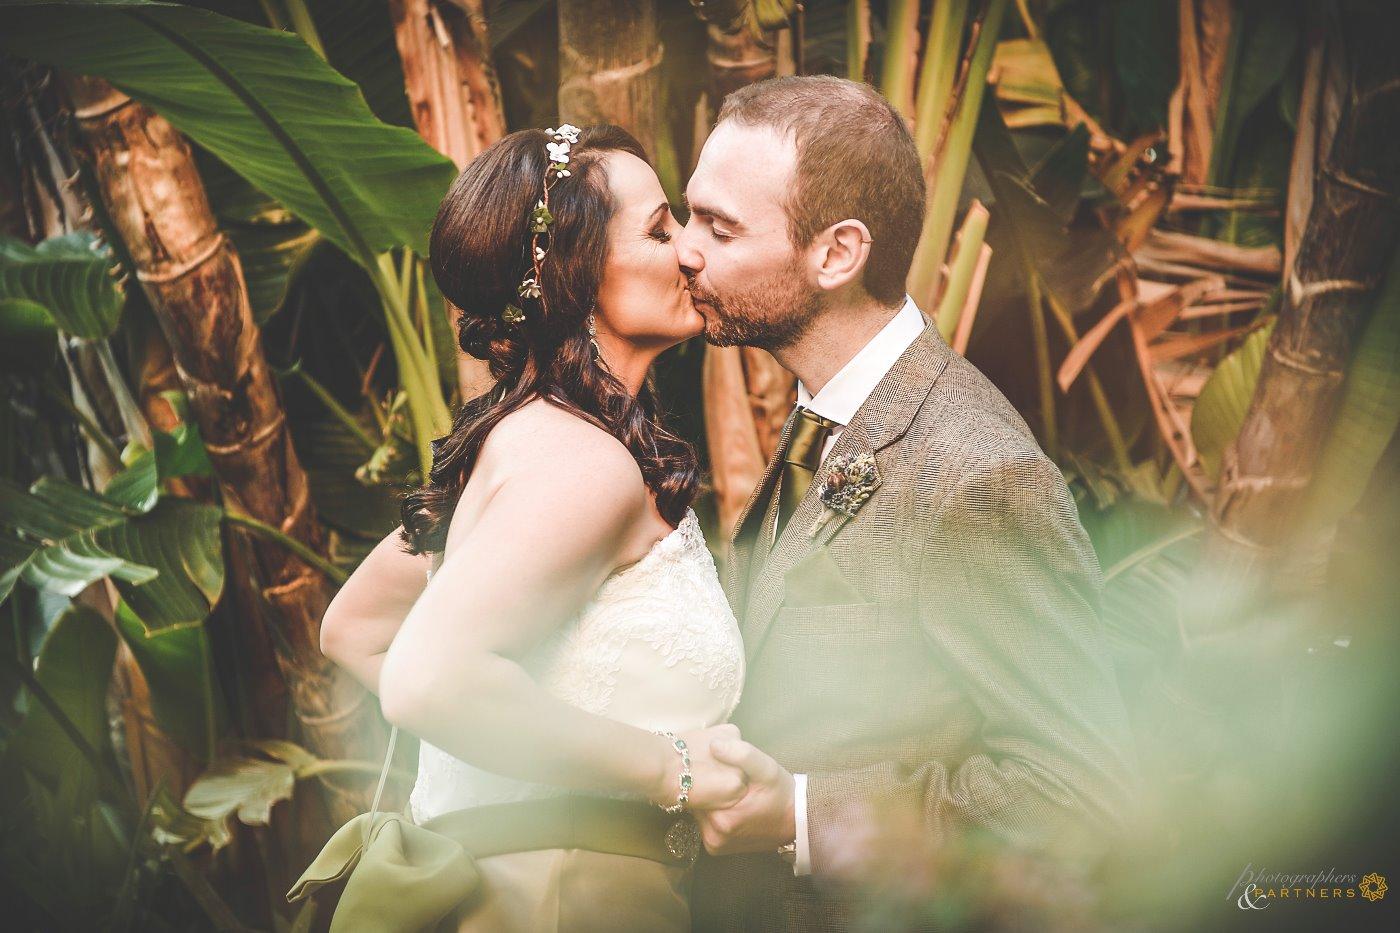 photography_weddings_sorrento_15.jpg